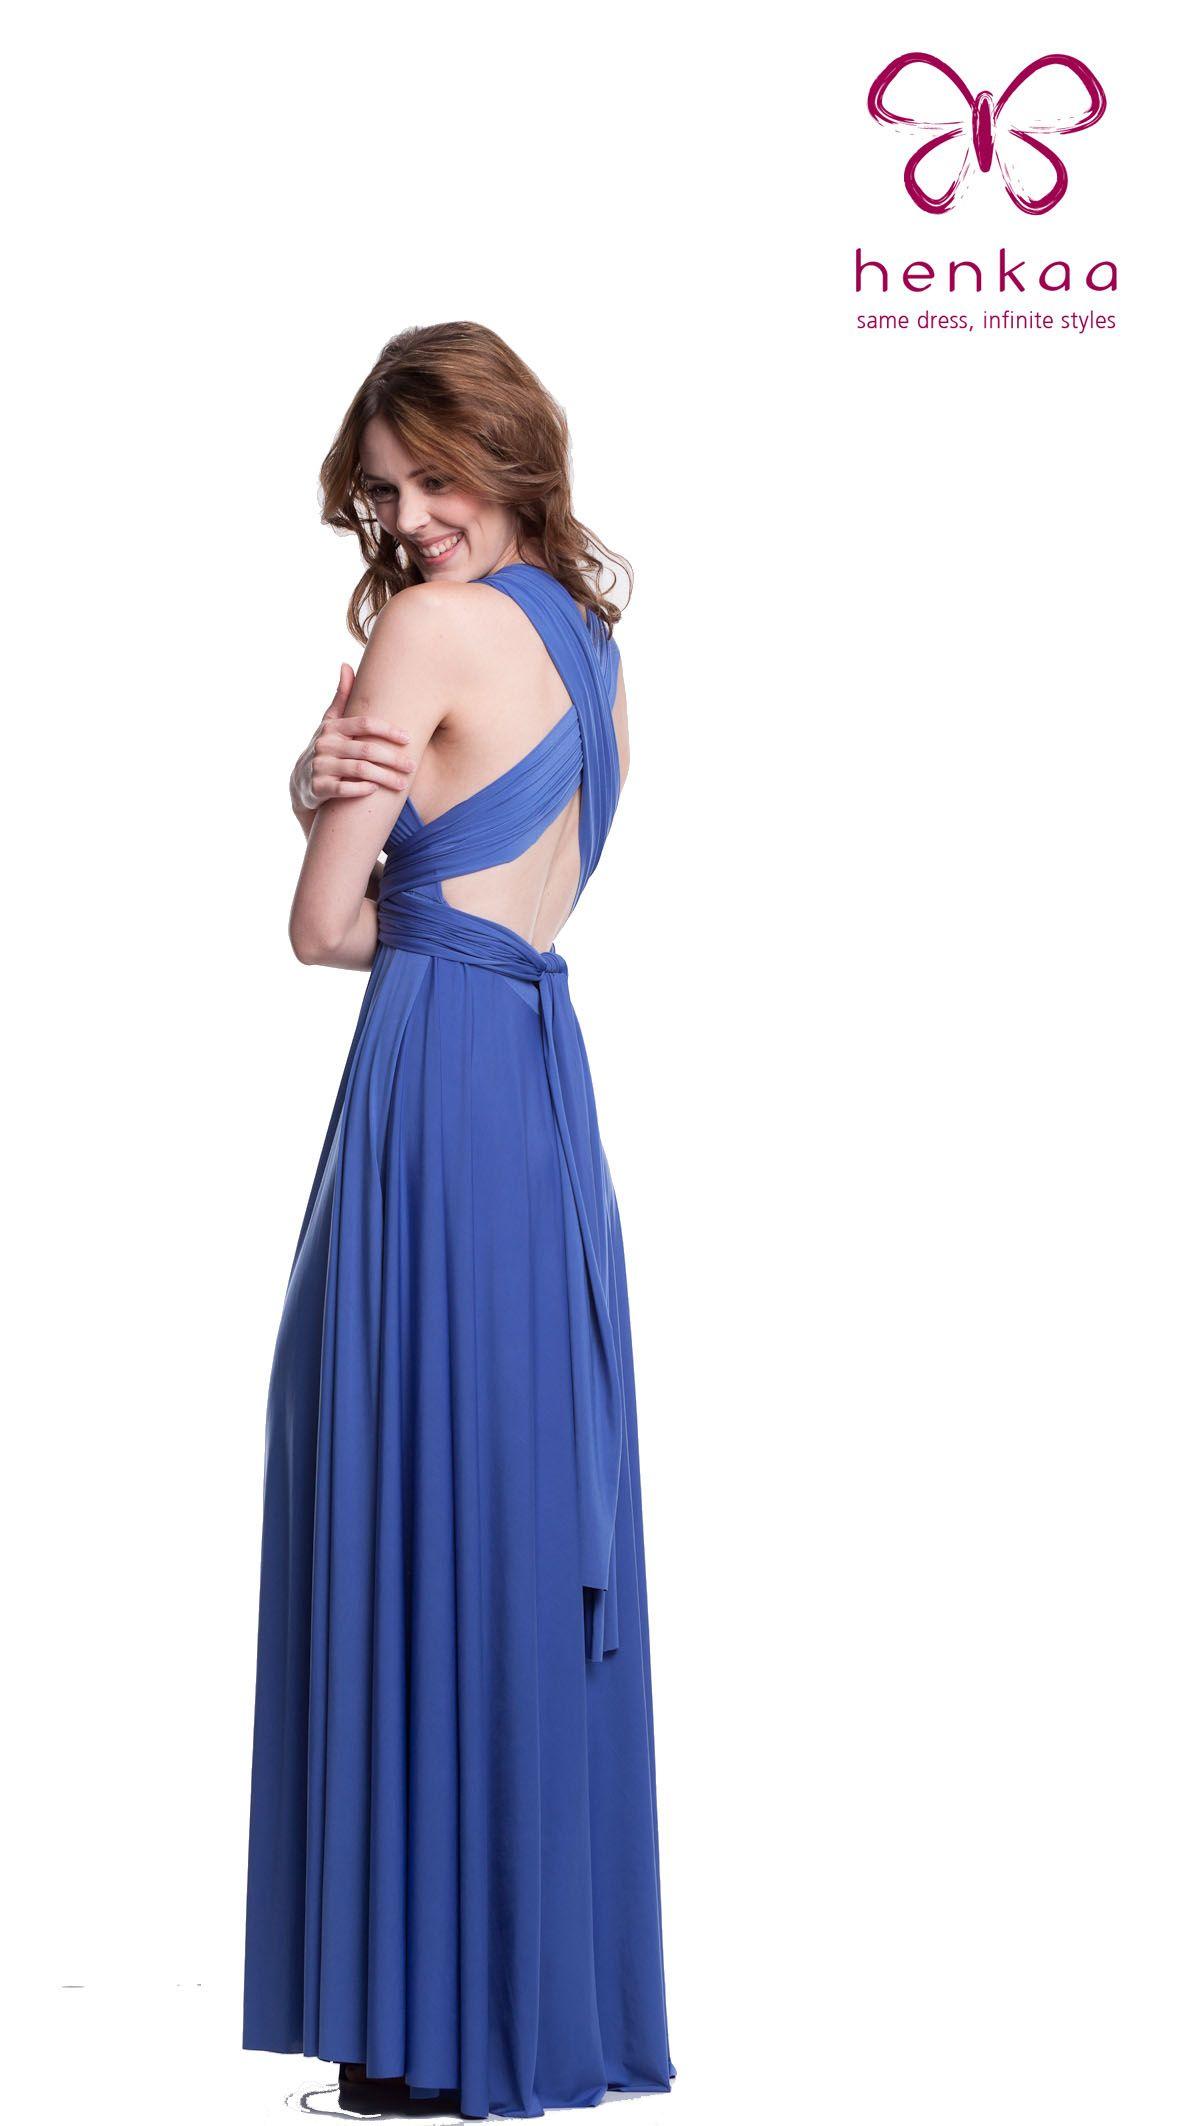 Henkaa Sakura Convertible Long Gown $168.00 Henkaa Convertible style ...